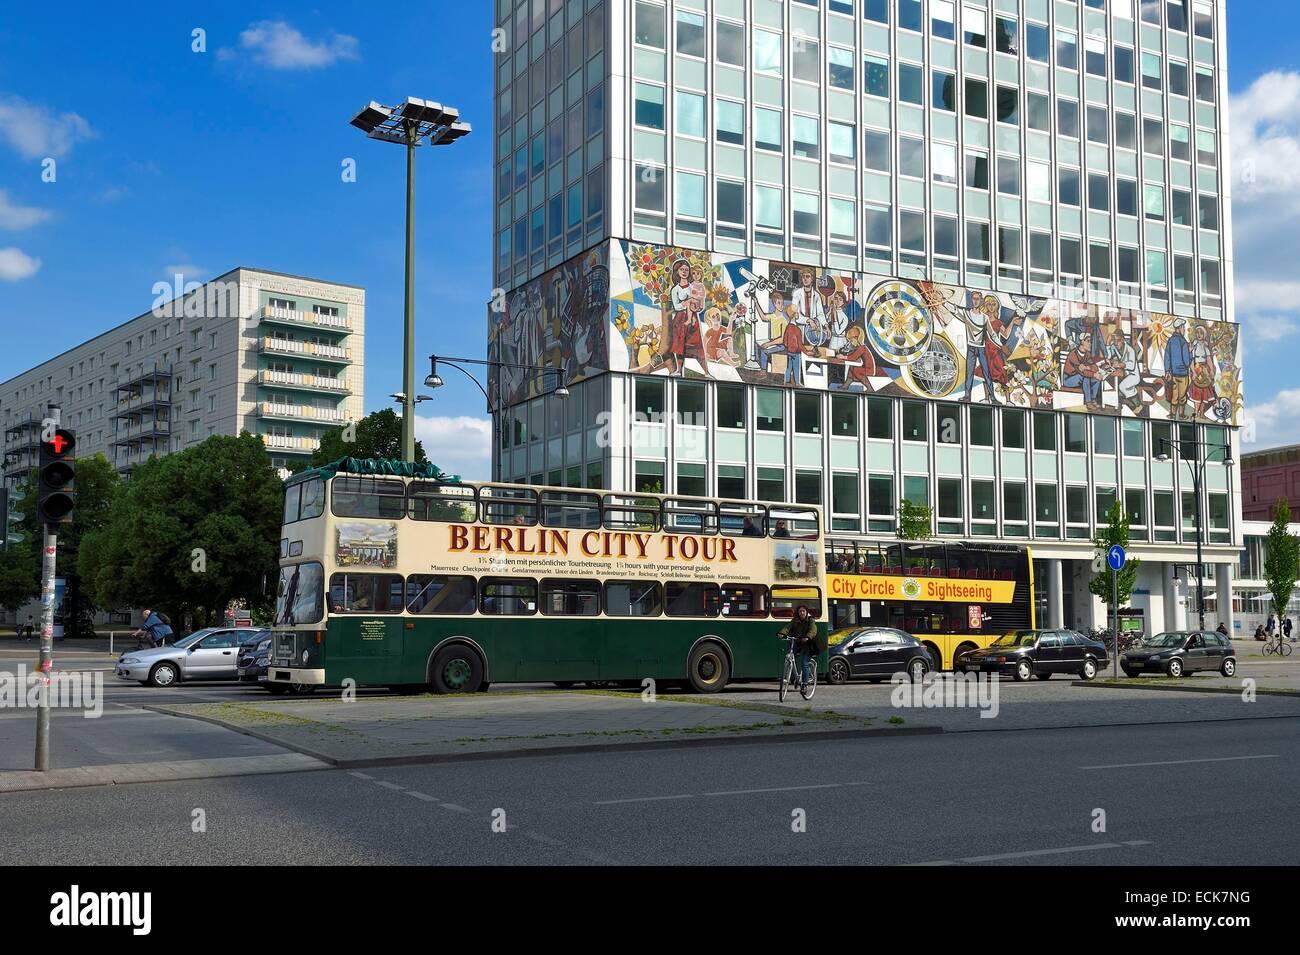 Deutschland, Berlin, Karl-Marx-Allee, Haus des Lehrers (Haus der Lehrer), das Wandbild Umwickeln um das gesamte Stockbild